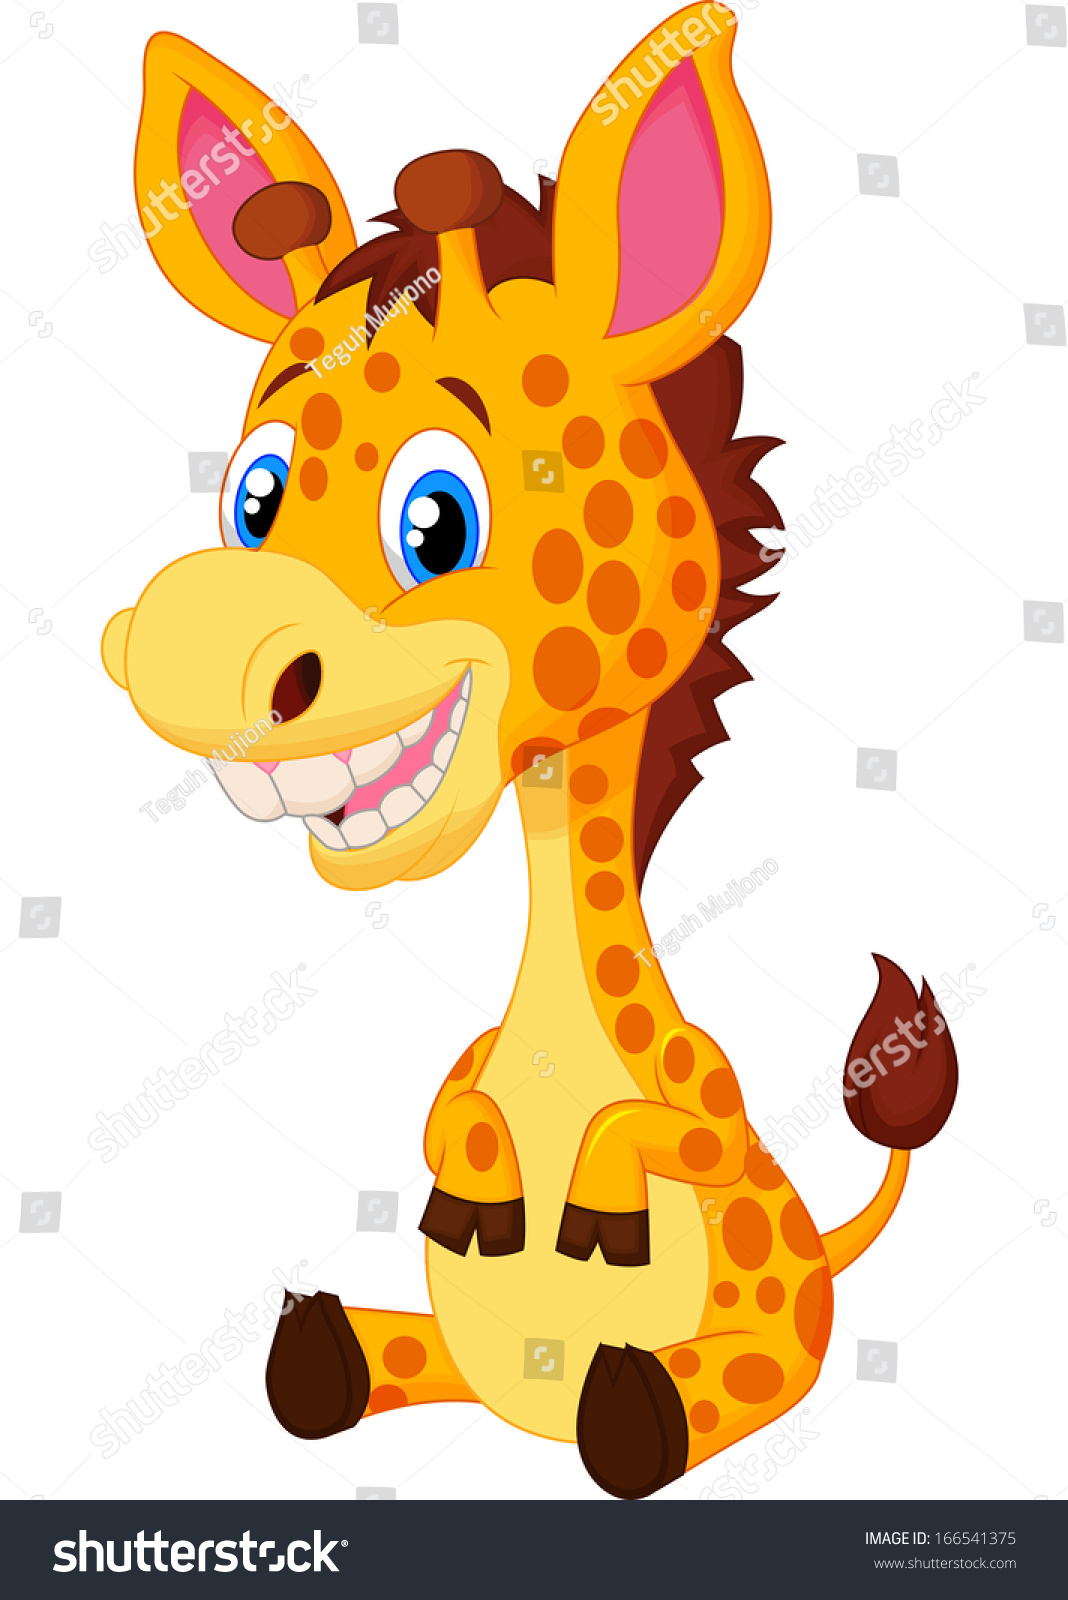 Cute Baby Giraffe Cartoon Stock Vector Illustration ...